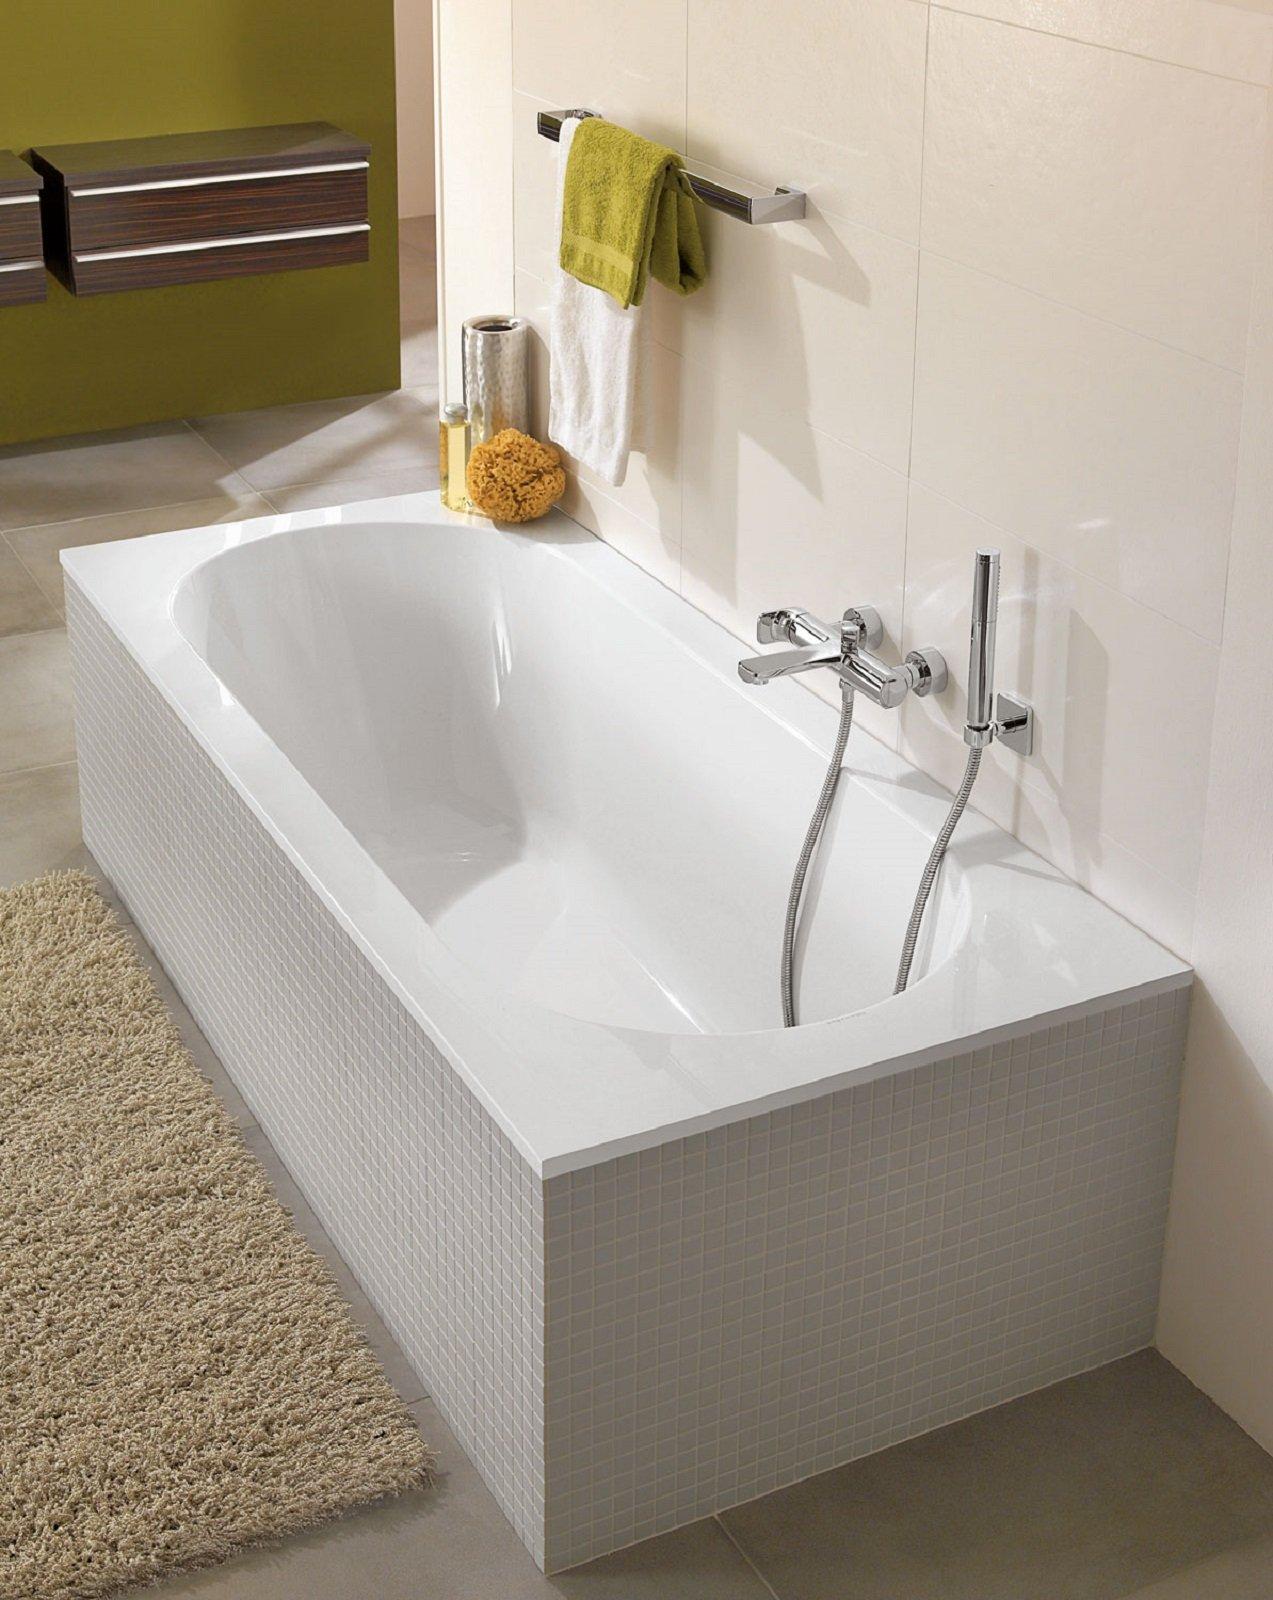 Da incasso o da libero posizionamento, le vasche di misura standard ...